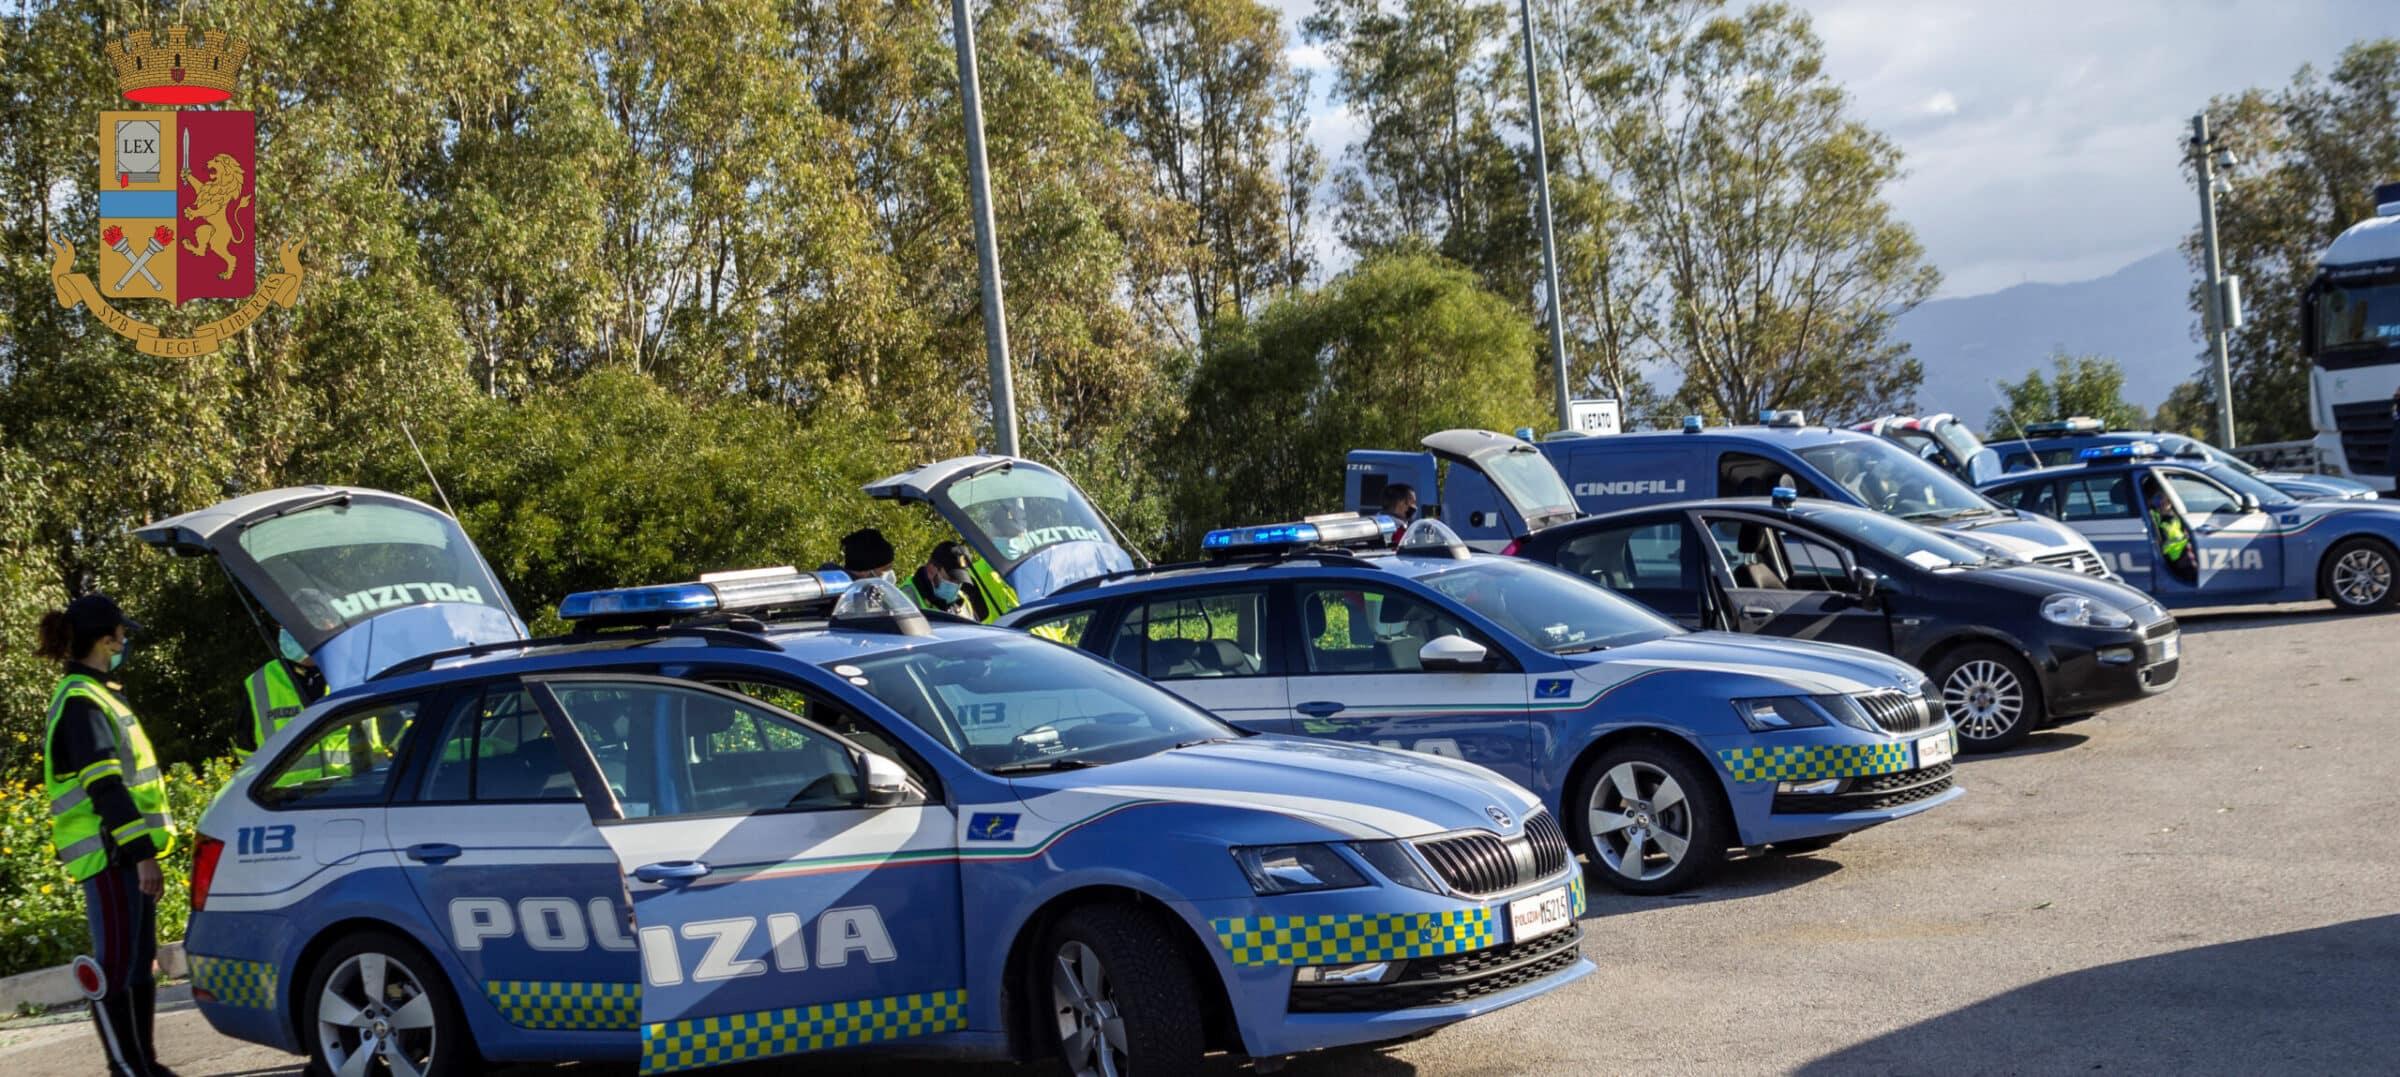 Sicilia zona rossa, posti di blocco in autostrada: 14 pattuglie, un elicottero e cani antidroga – I RISULTATI